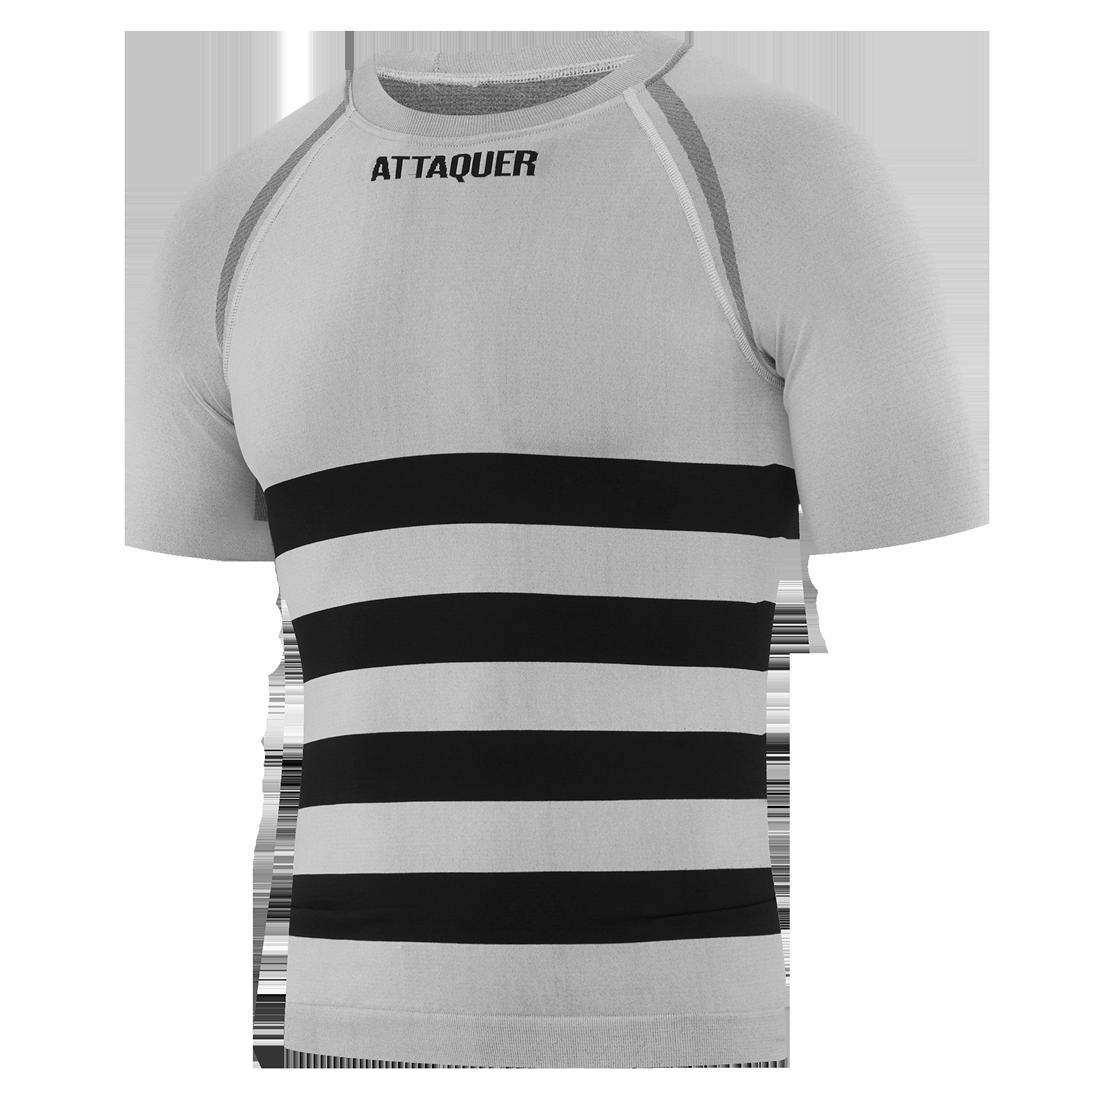 Attaquer Undershirt Winter